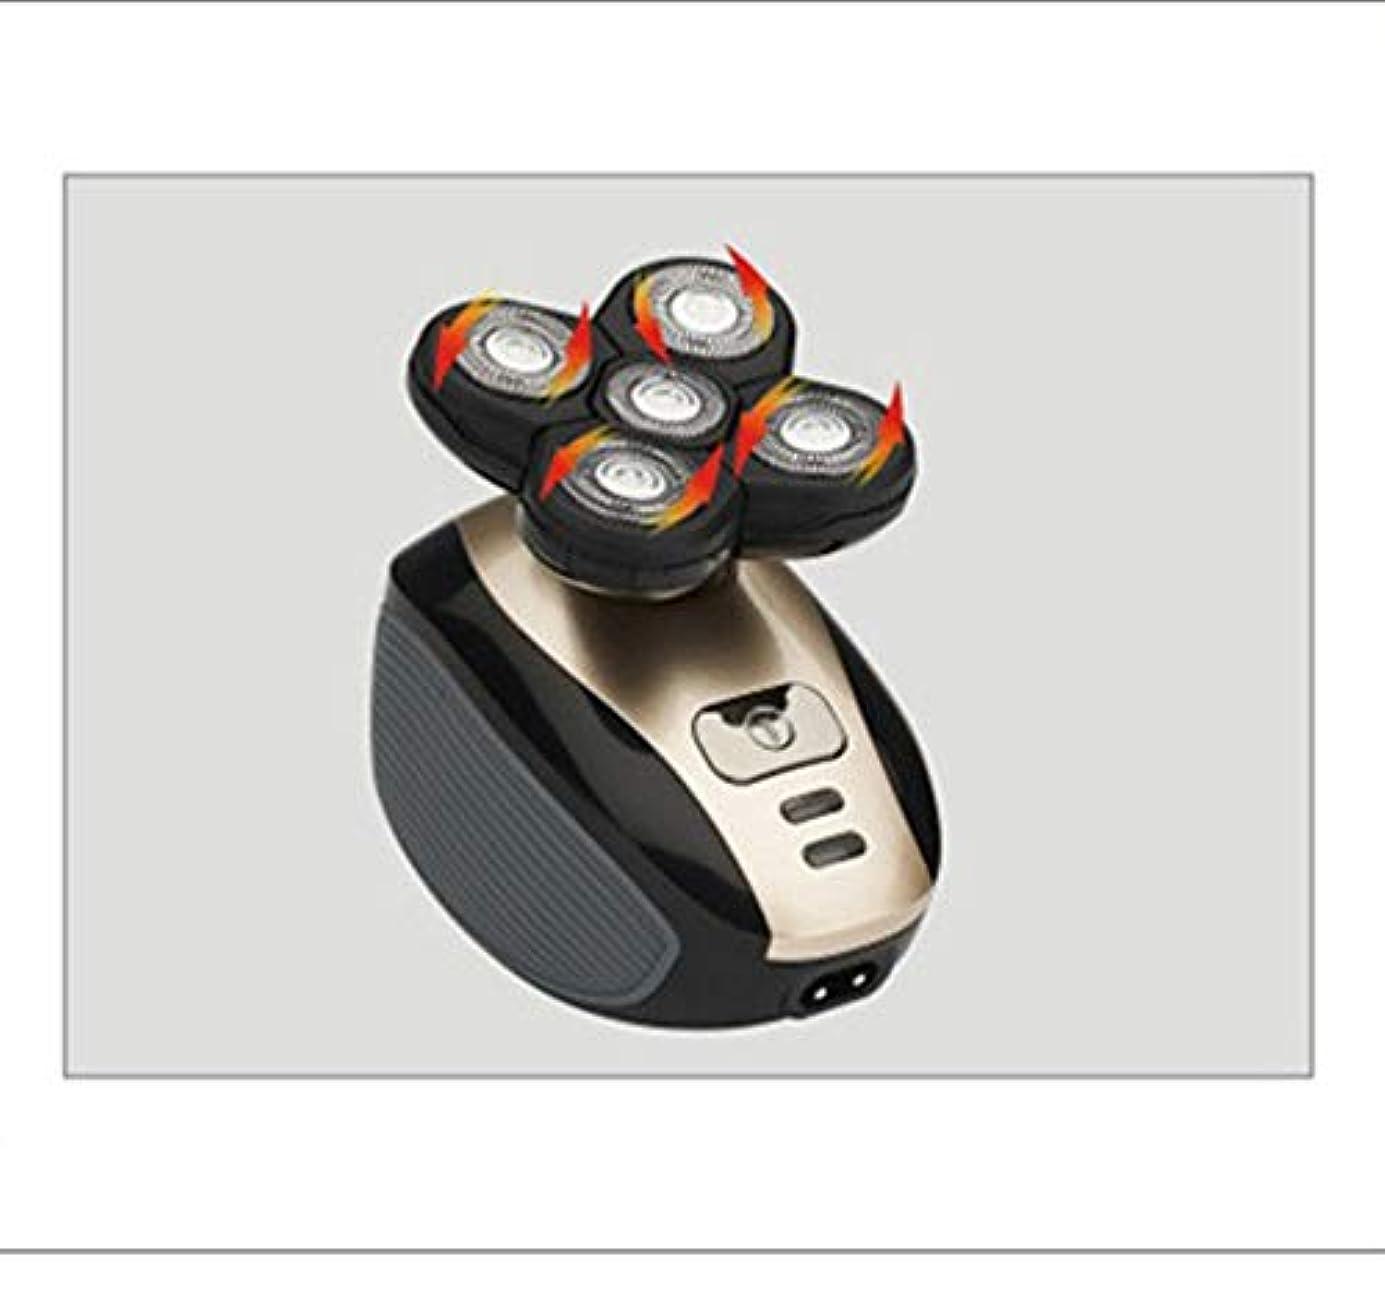 虚栄心火山学直径電気かみそり、5つのフローティングヘッドを持つ男性用の1つの充電式USB防水5Dロータリーシェーバートリマーグルーミングキット、5人用男性用鼻毛トリマーフェイシャルシェーバードライおよびウェットグルー